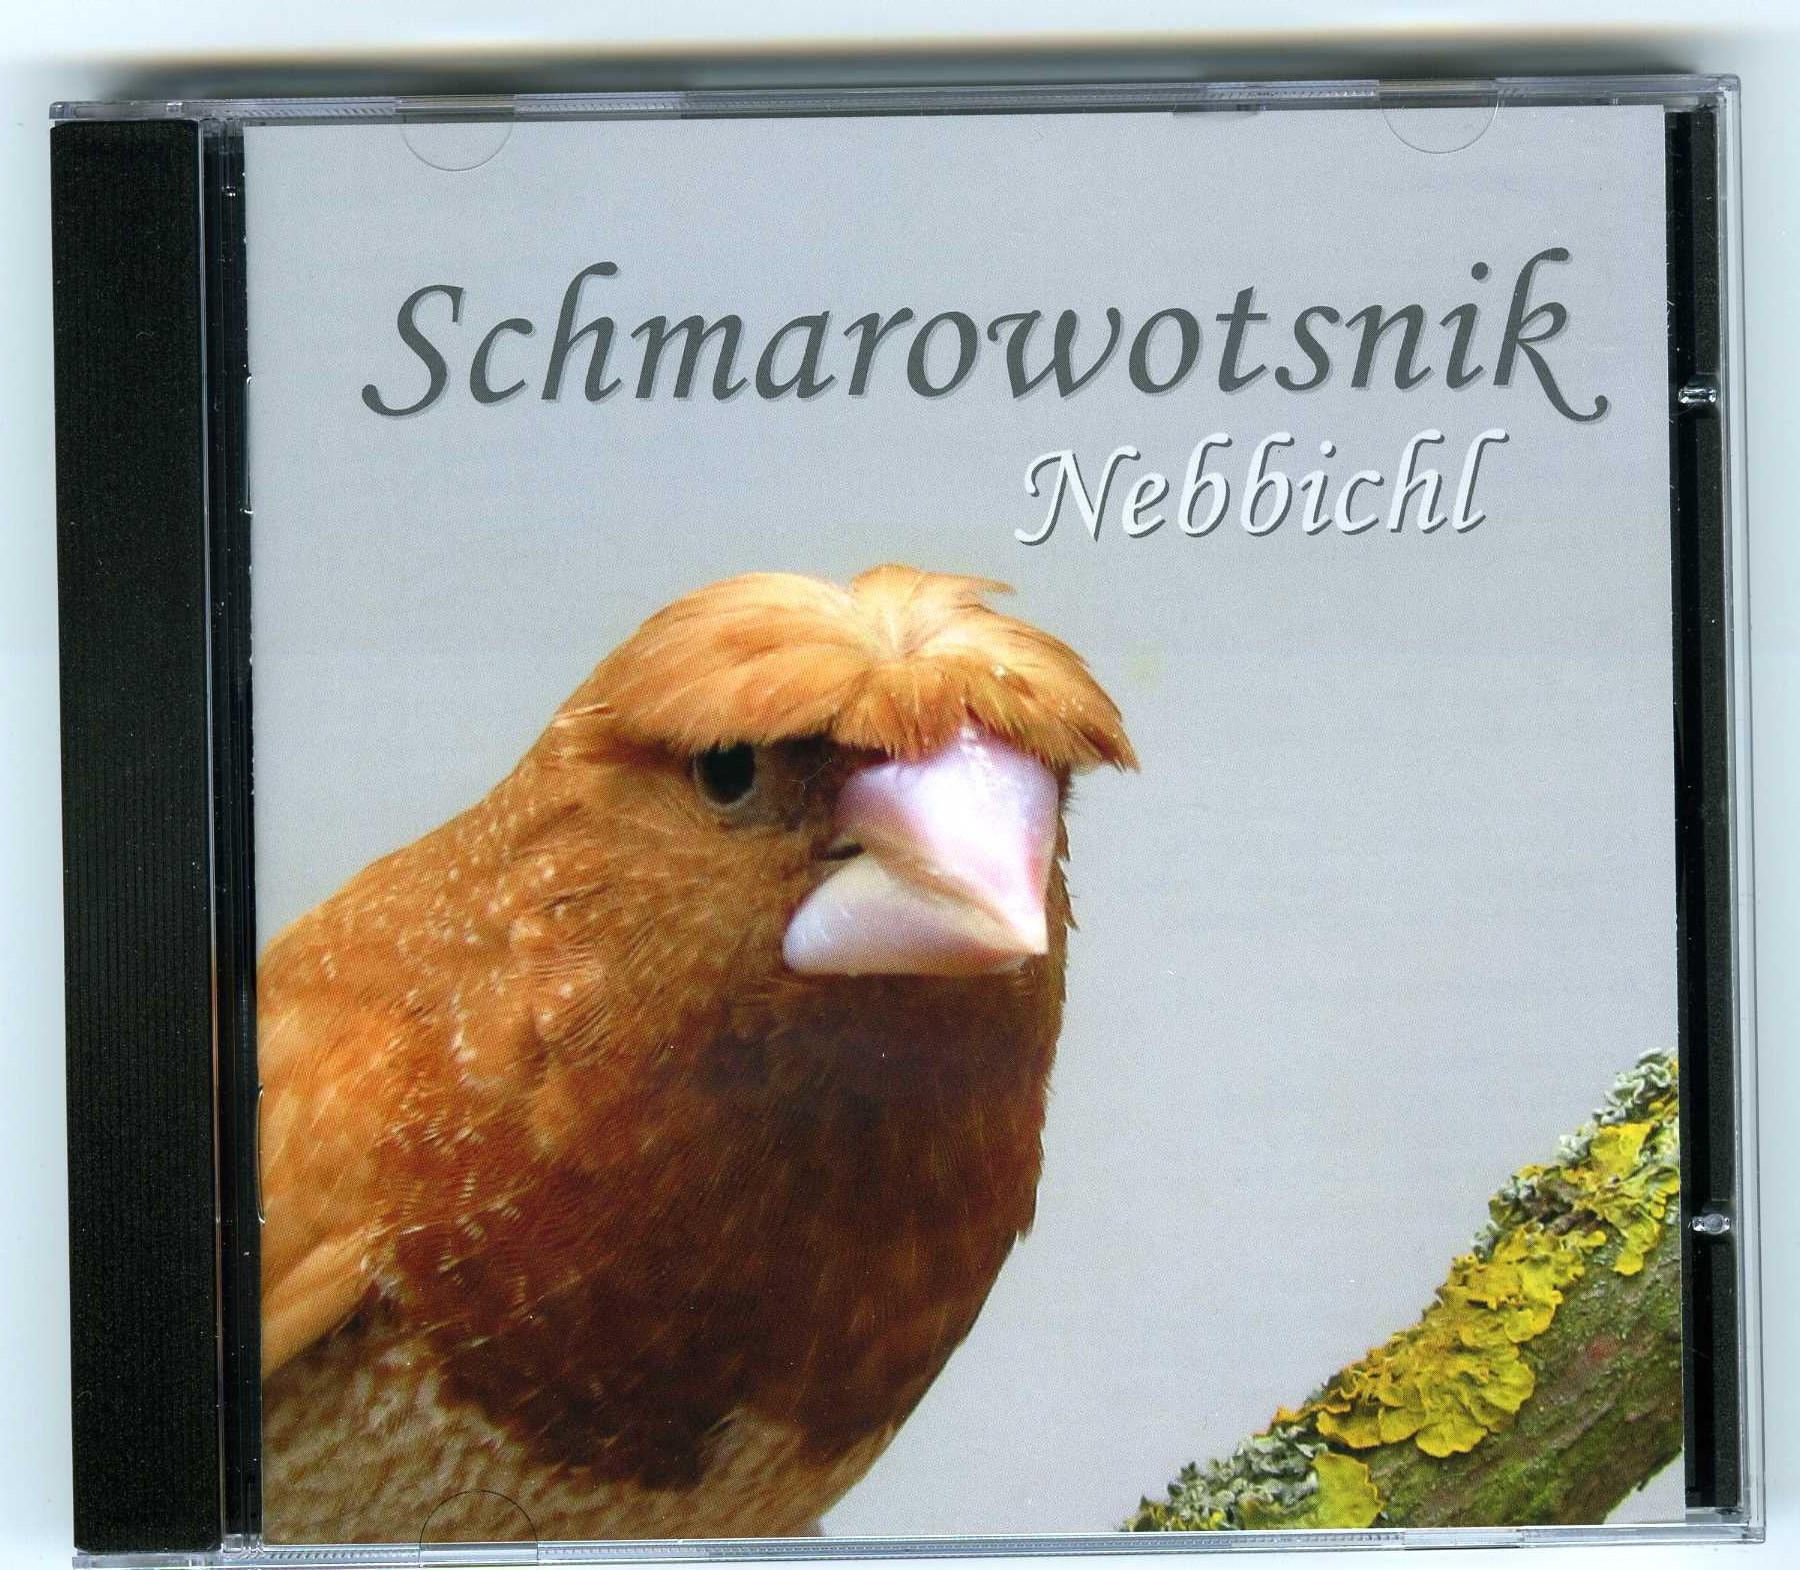 Schmarowotsnik-CD Nebbichl